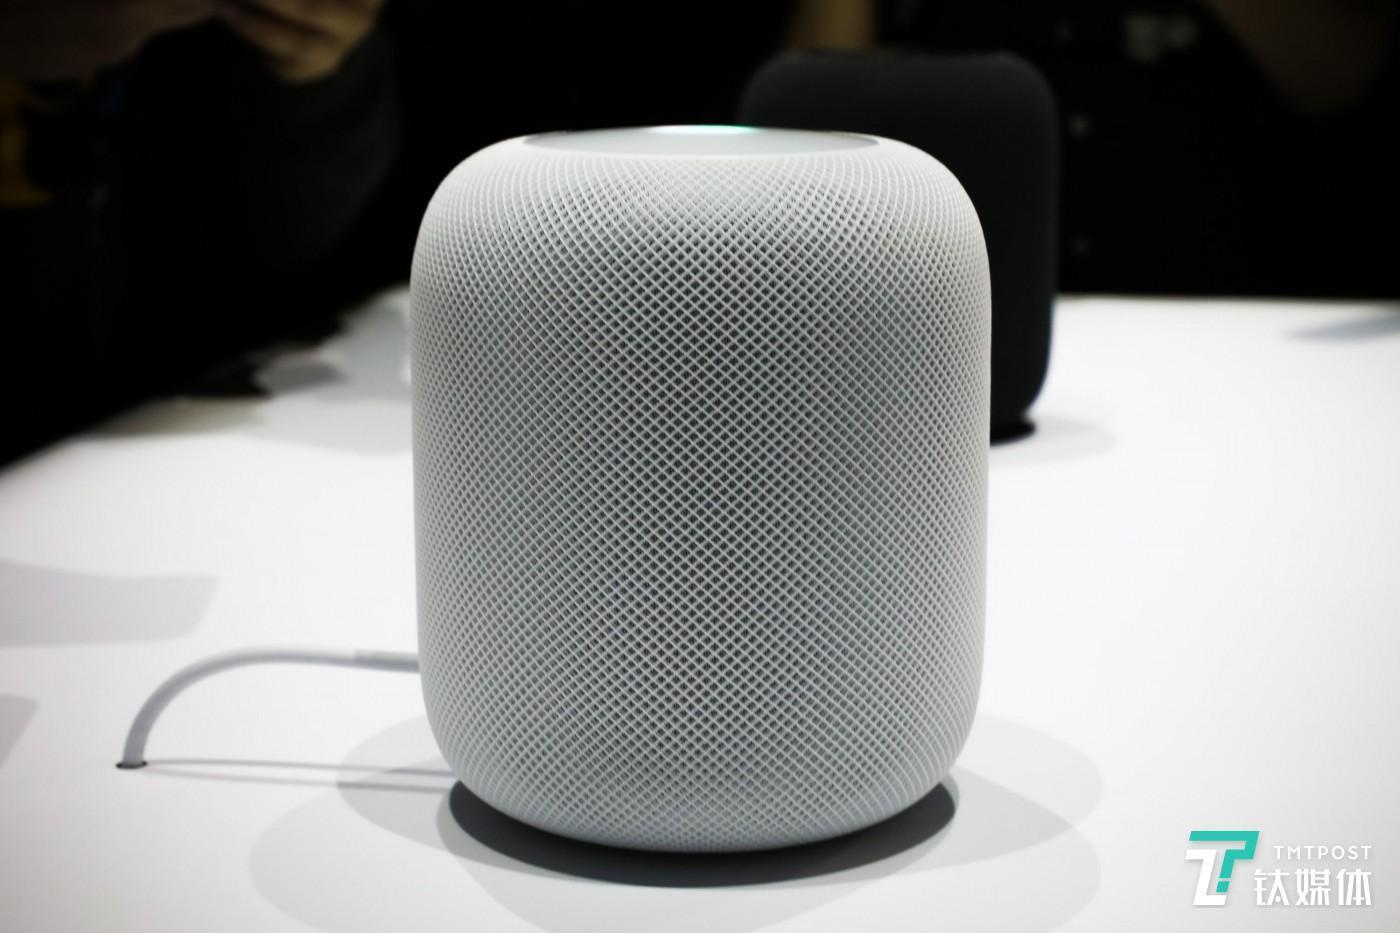 苹果在 Amazon 及 Google 之后也推出了自己的智能音箱 James Martin/CNET